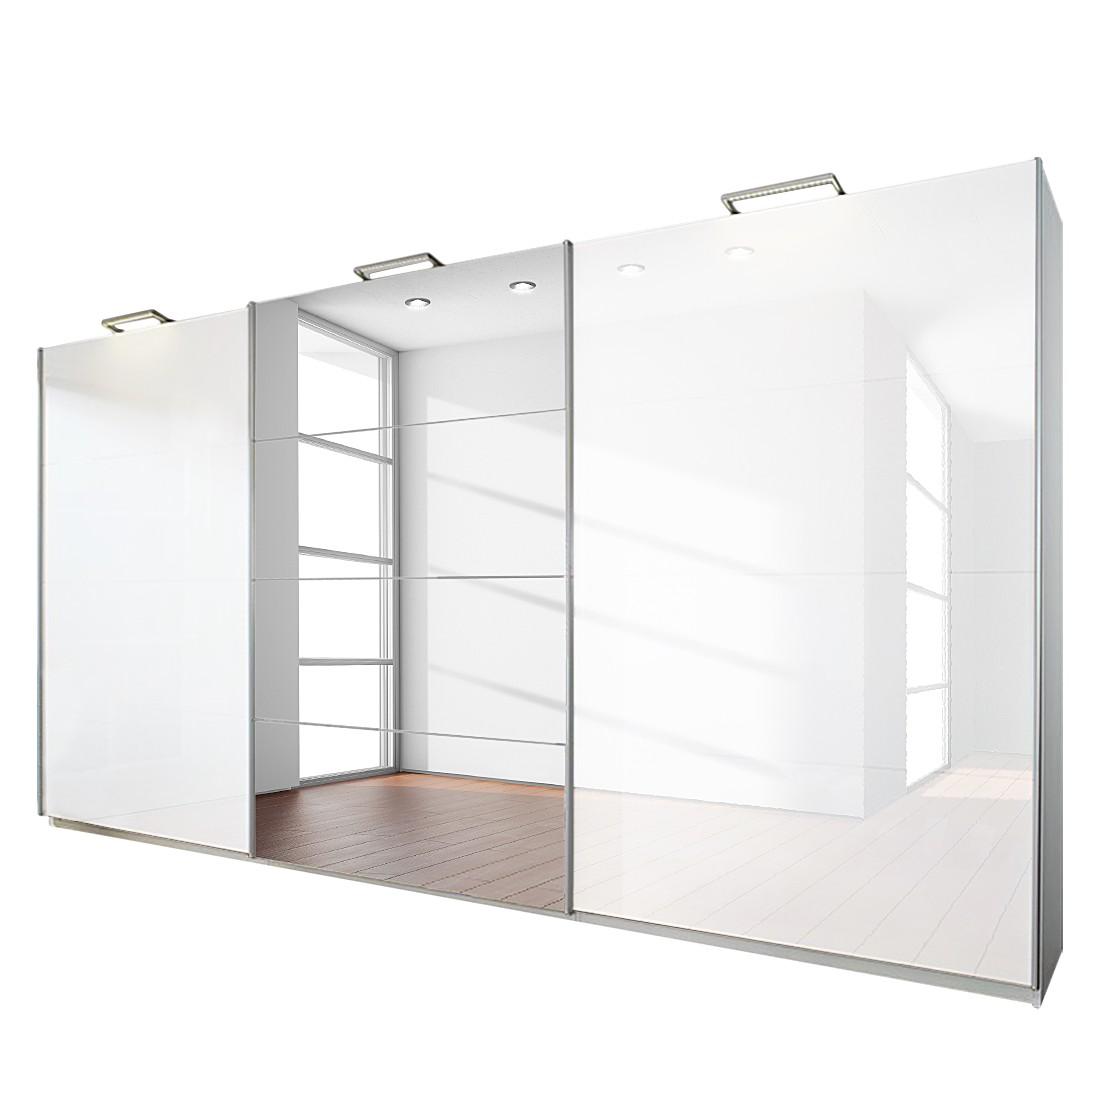 goedkoop 3 deurs schuifdeurkast Beluga Plus alpinewit hoogglans wit met spiegel 315cm 3 deurs 236cm Rauch Select